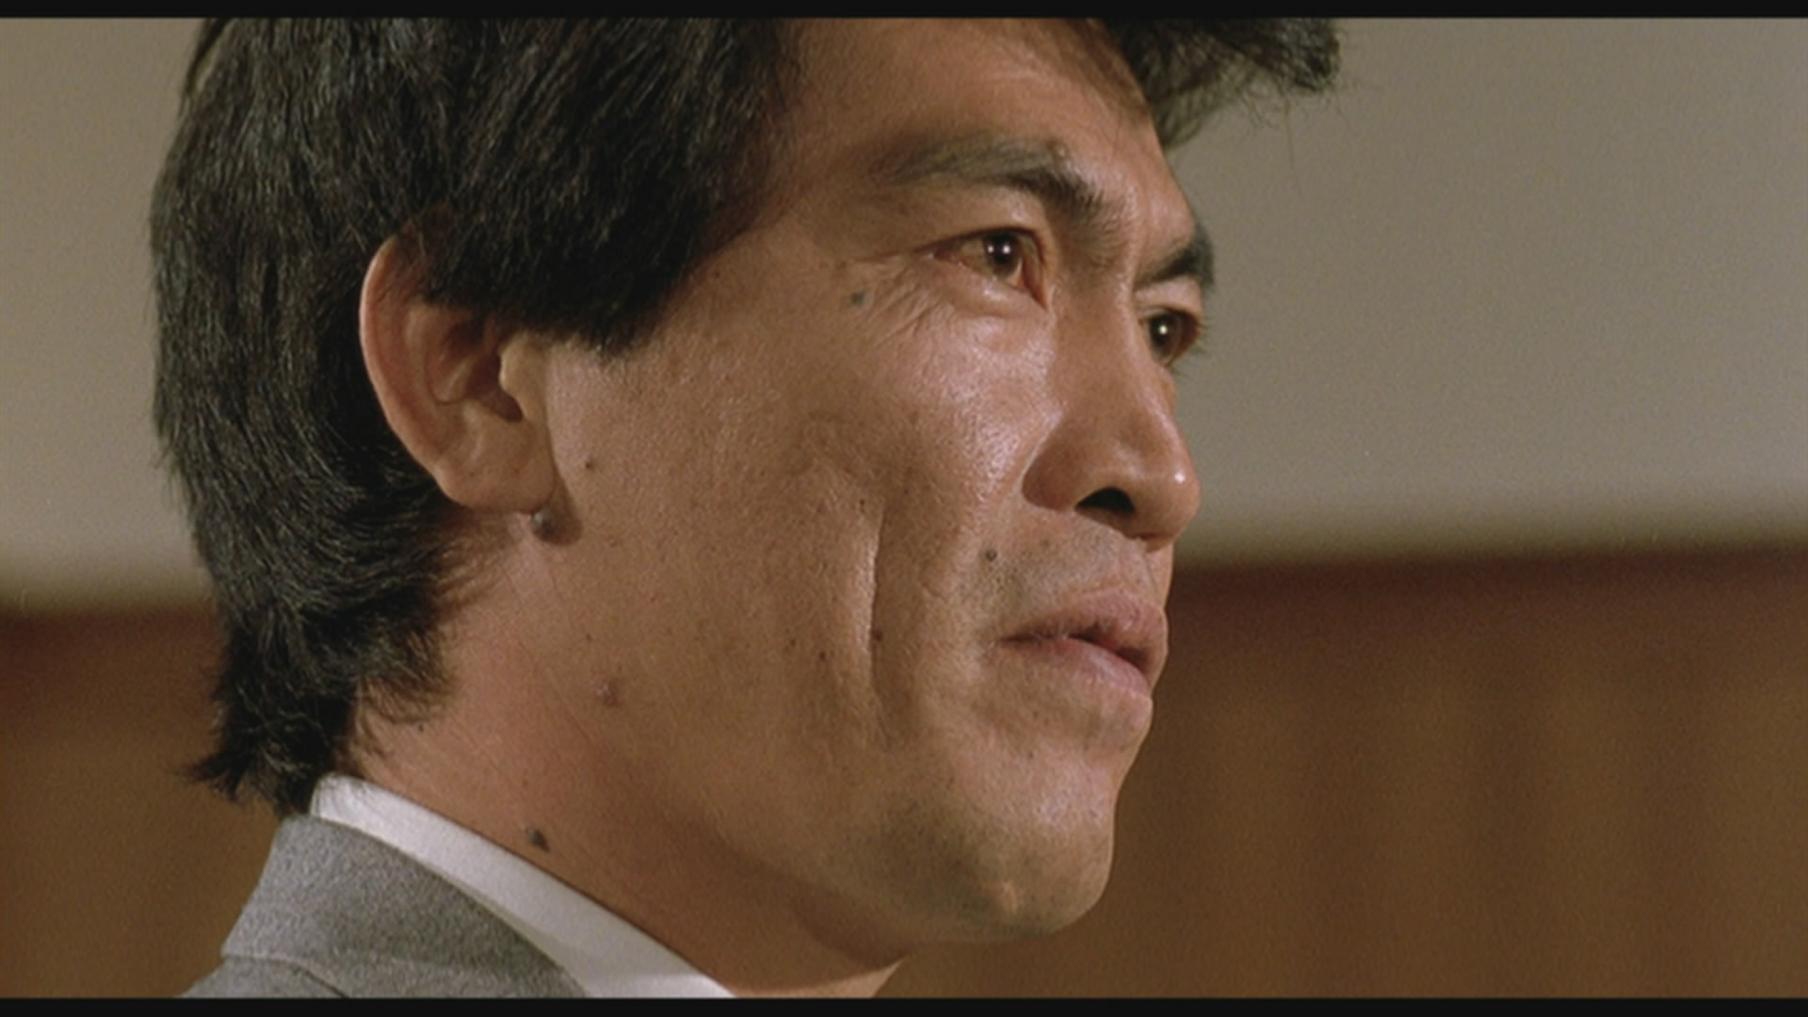 香港男配角_shing,1955年2月1日-2009年8月27日),出生于香港,中国香港影视男演员.